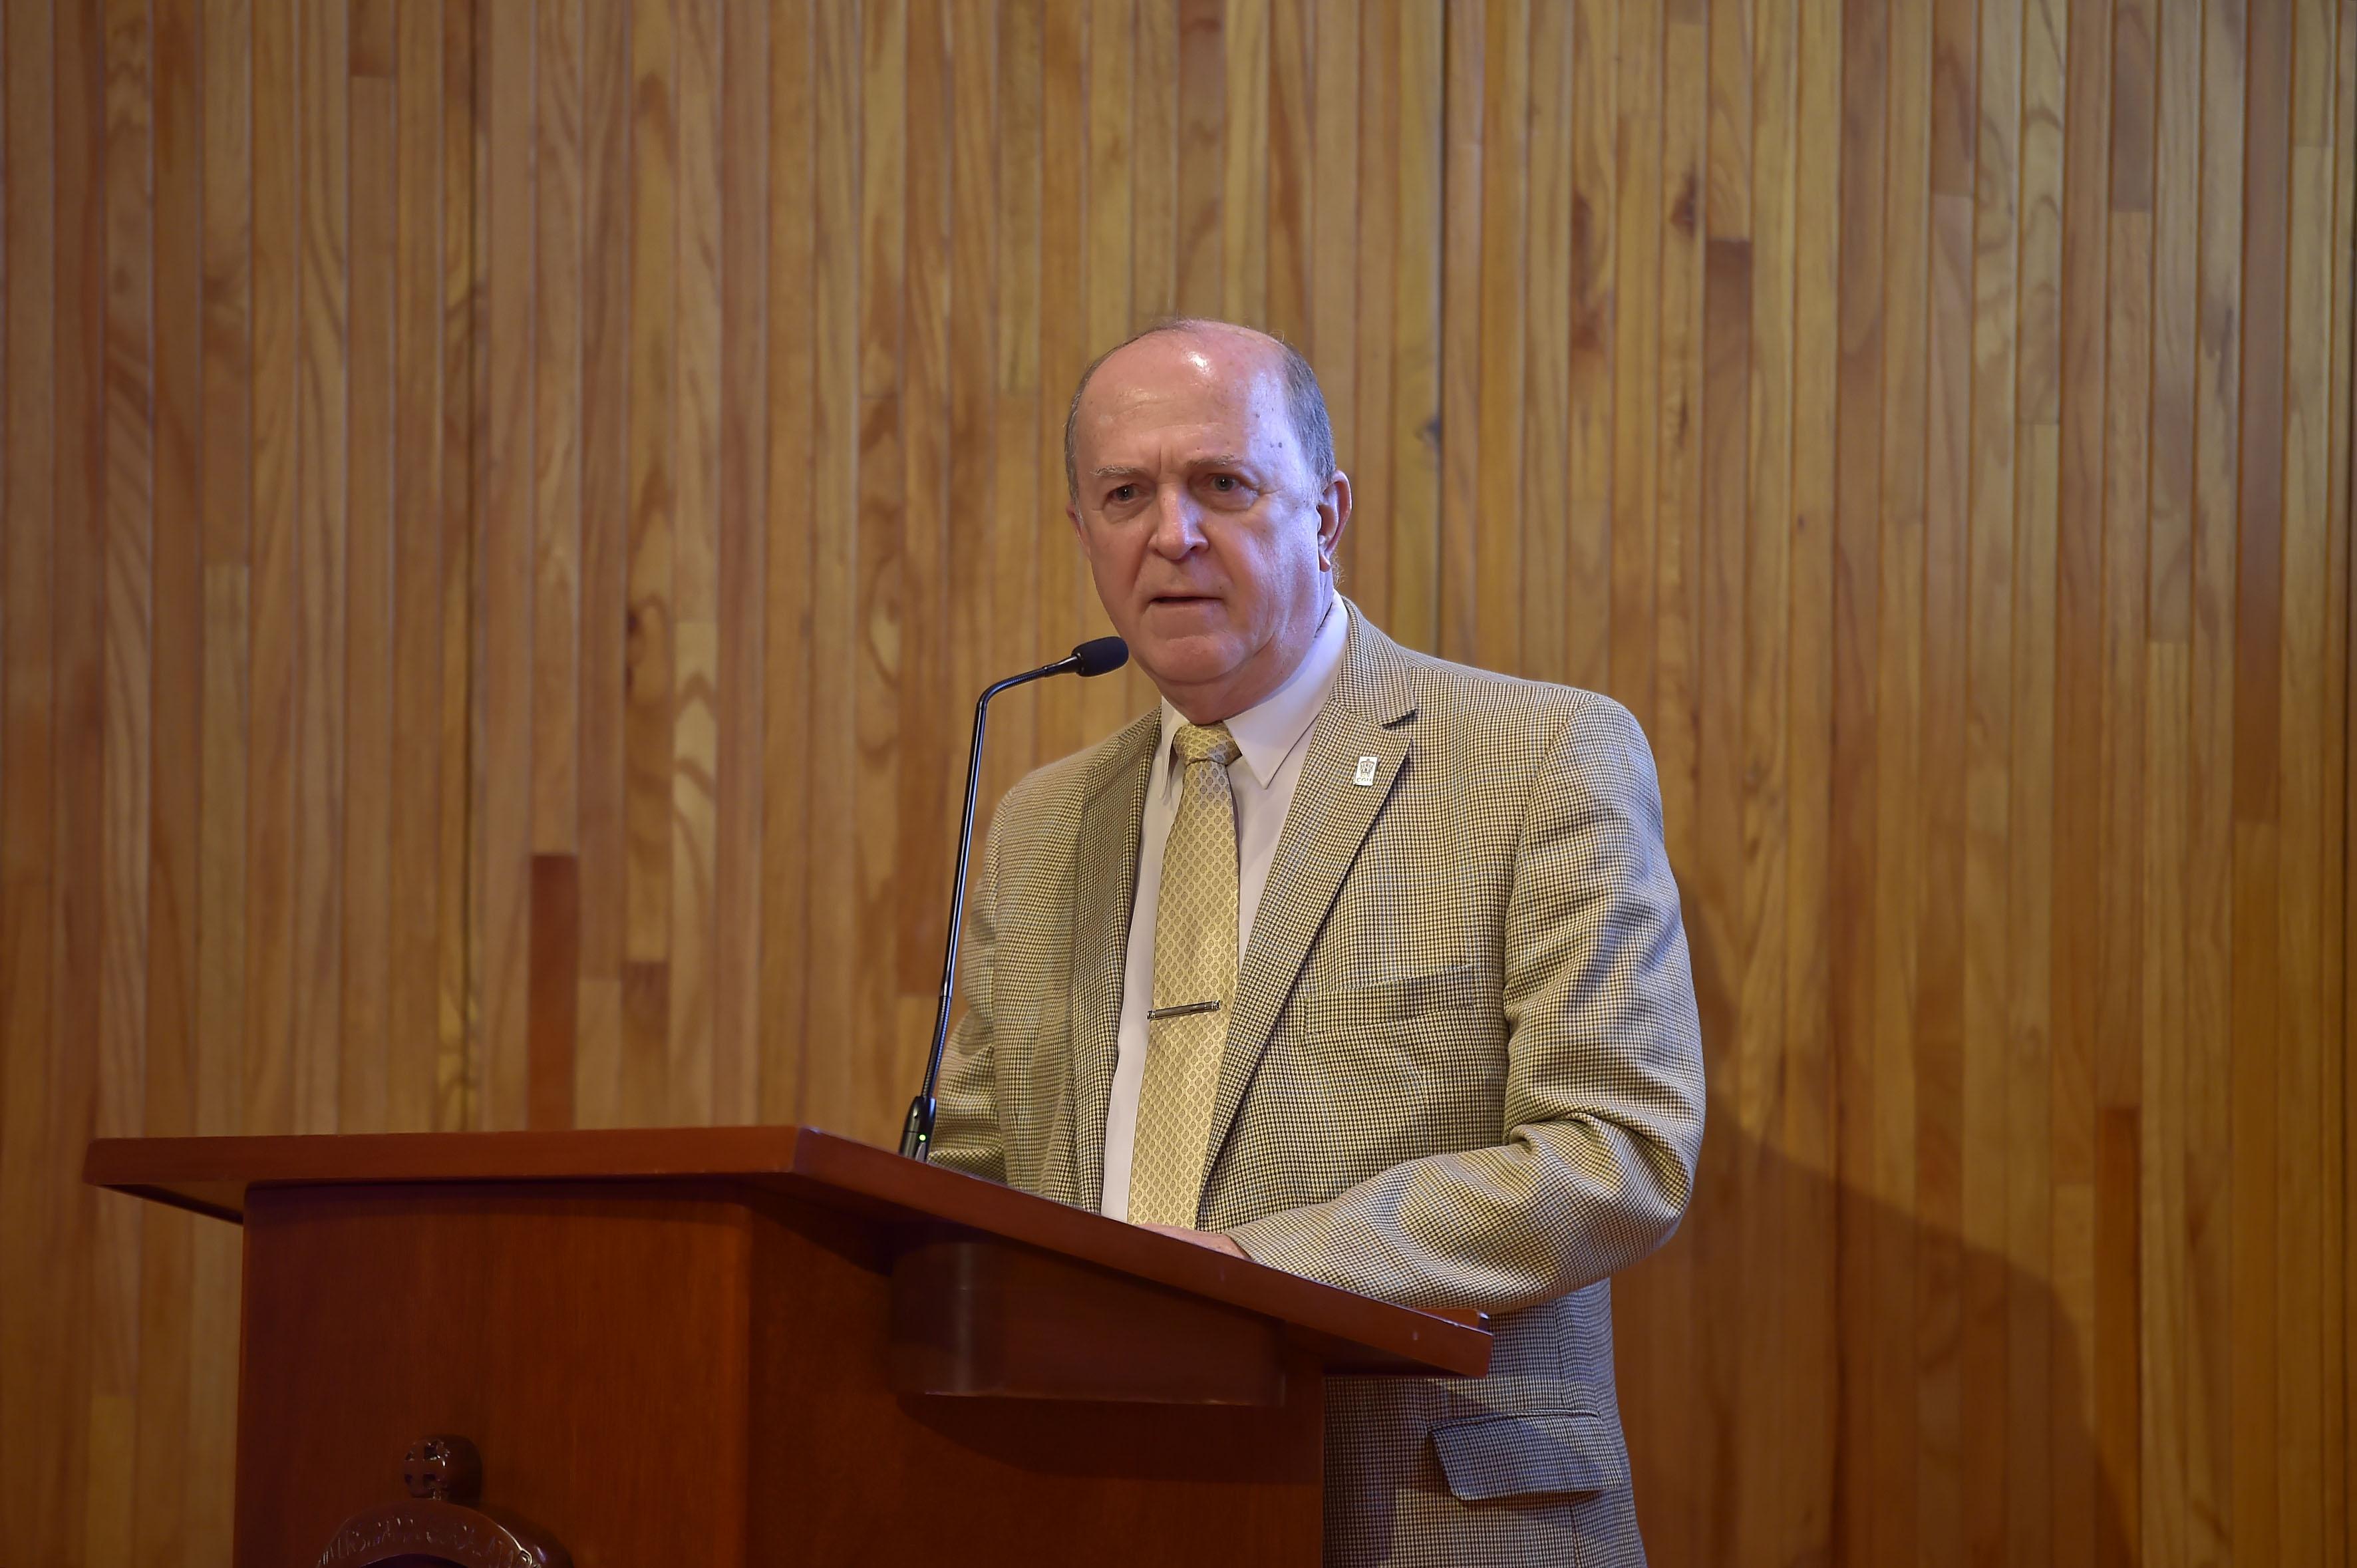 El Vicerrector Ejecutivo, doctor Miguel Ángel Navarro Navarro